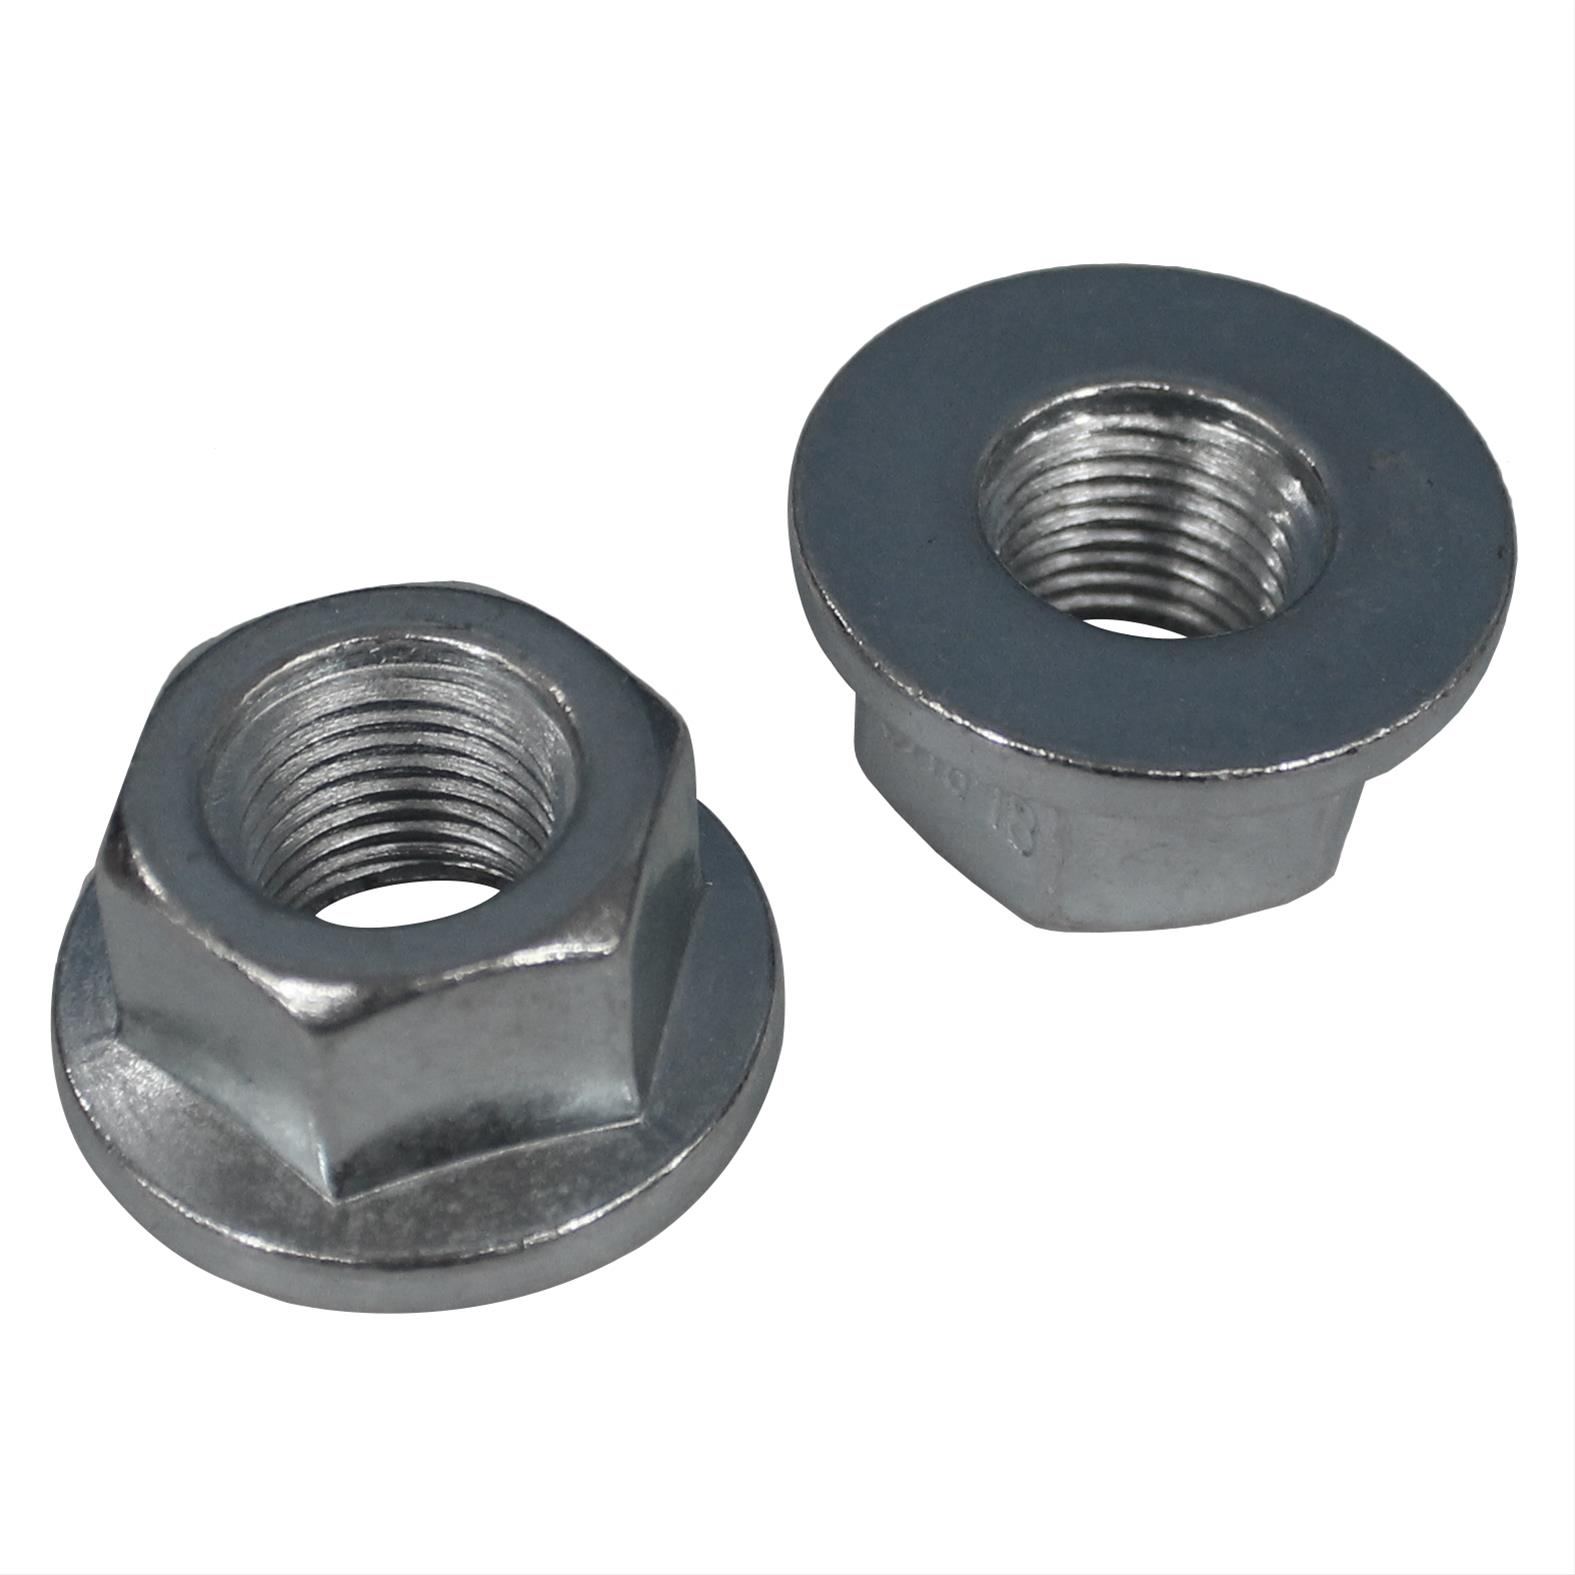 Pack of 4 Dorman 711-514 Wheel Nuts